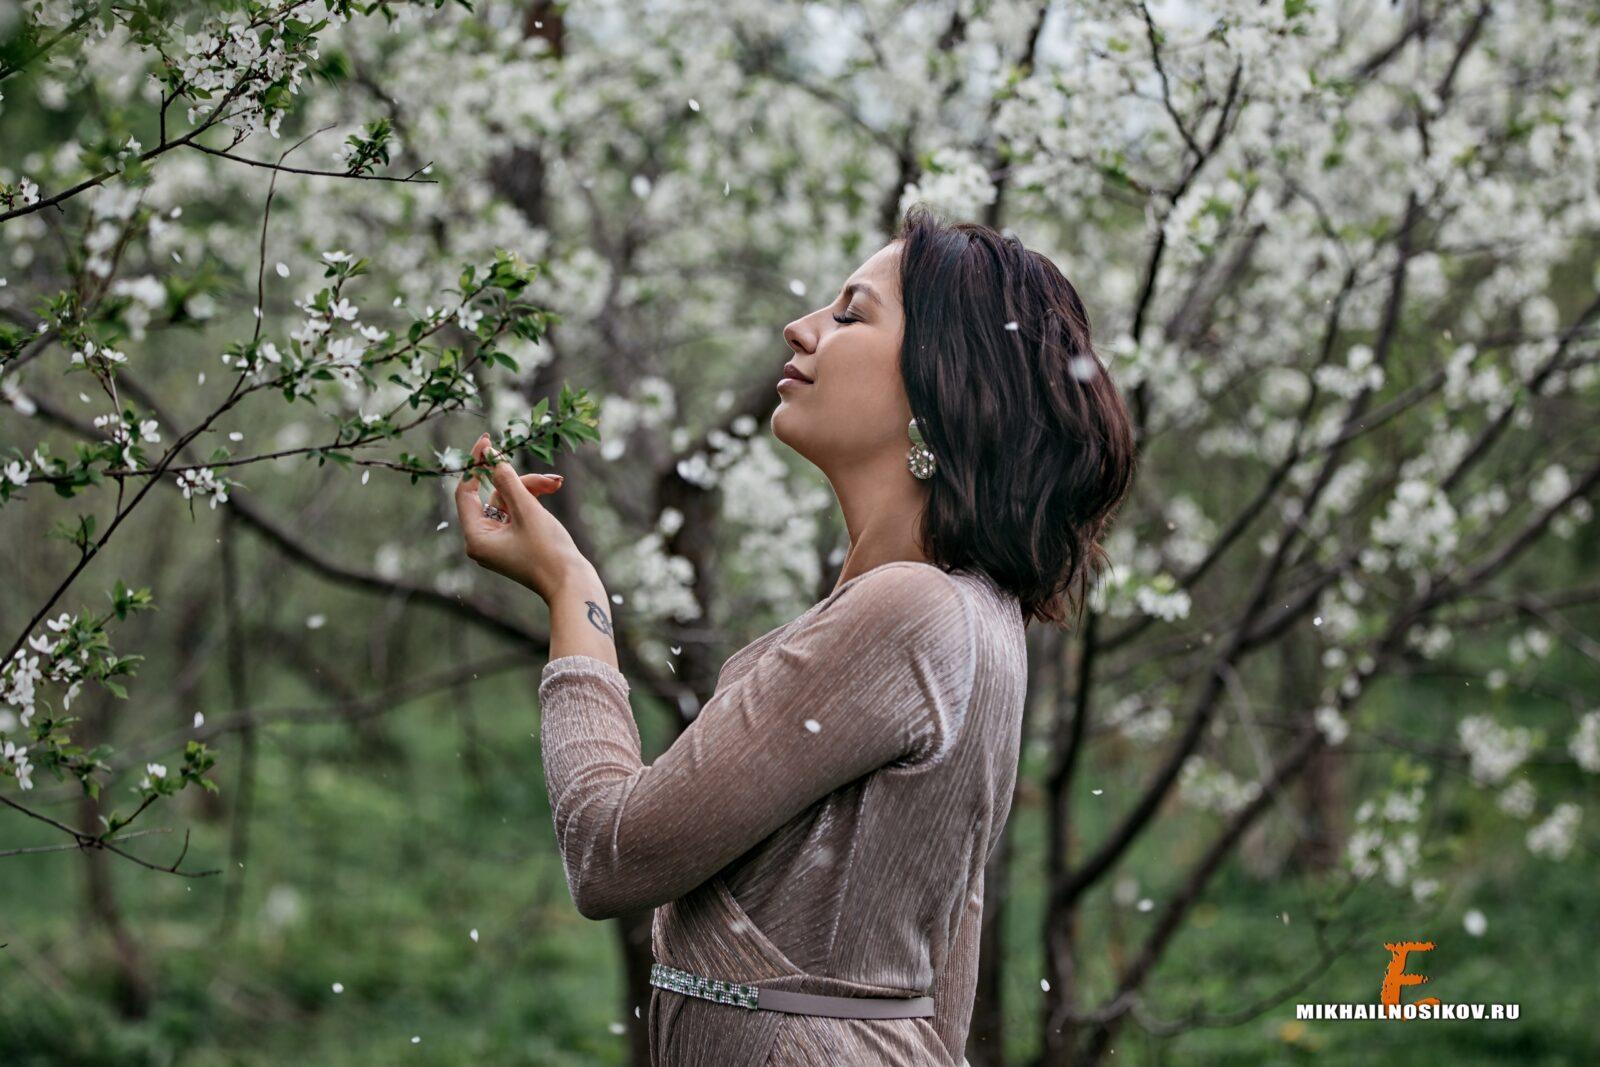 Фотосессия в цветущих садах девушки